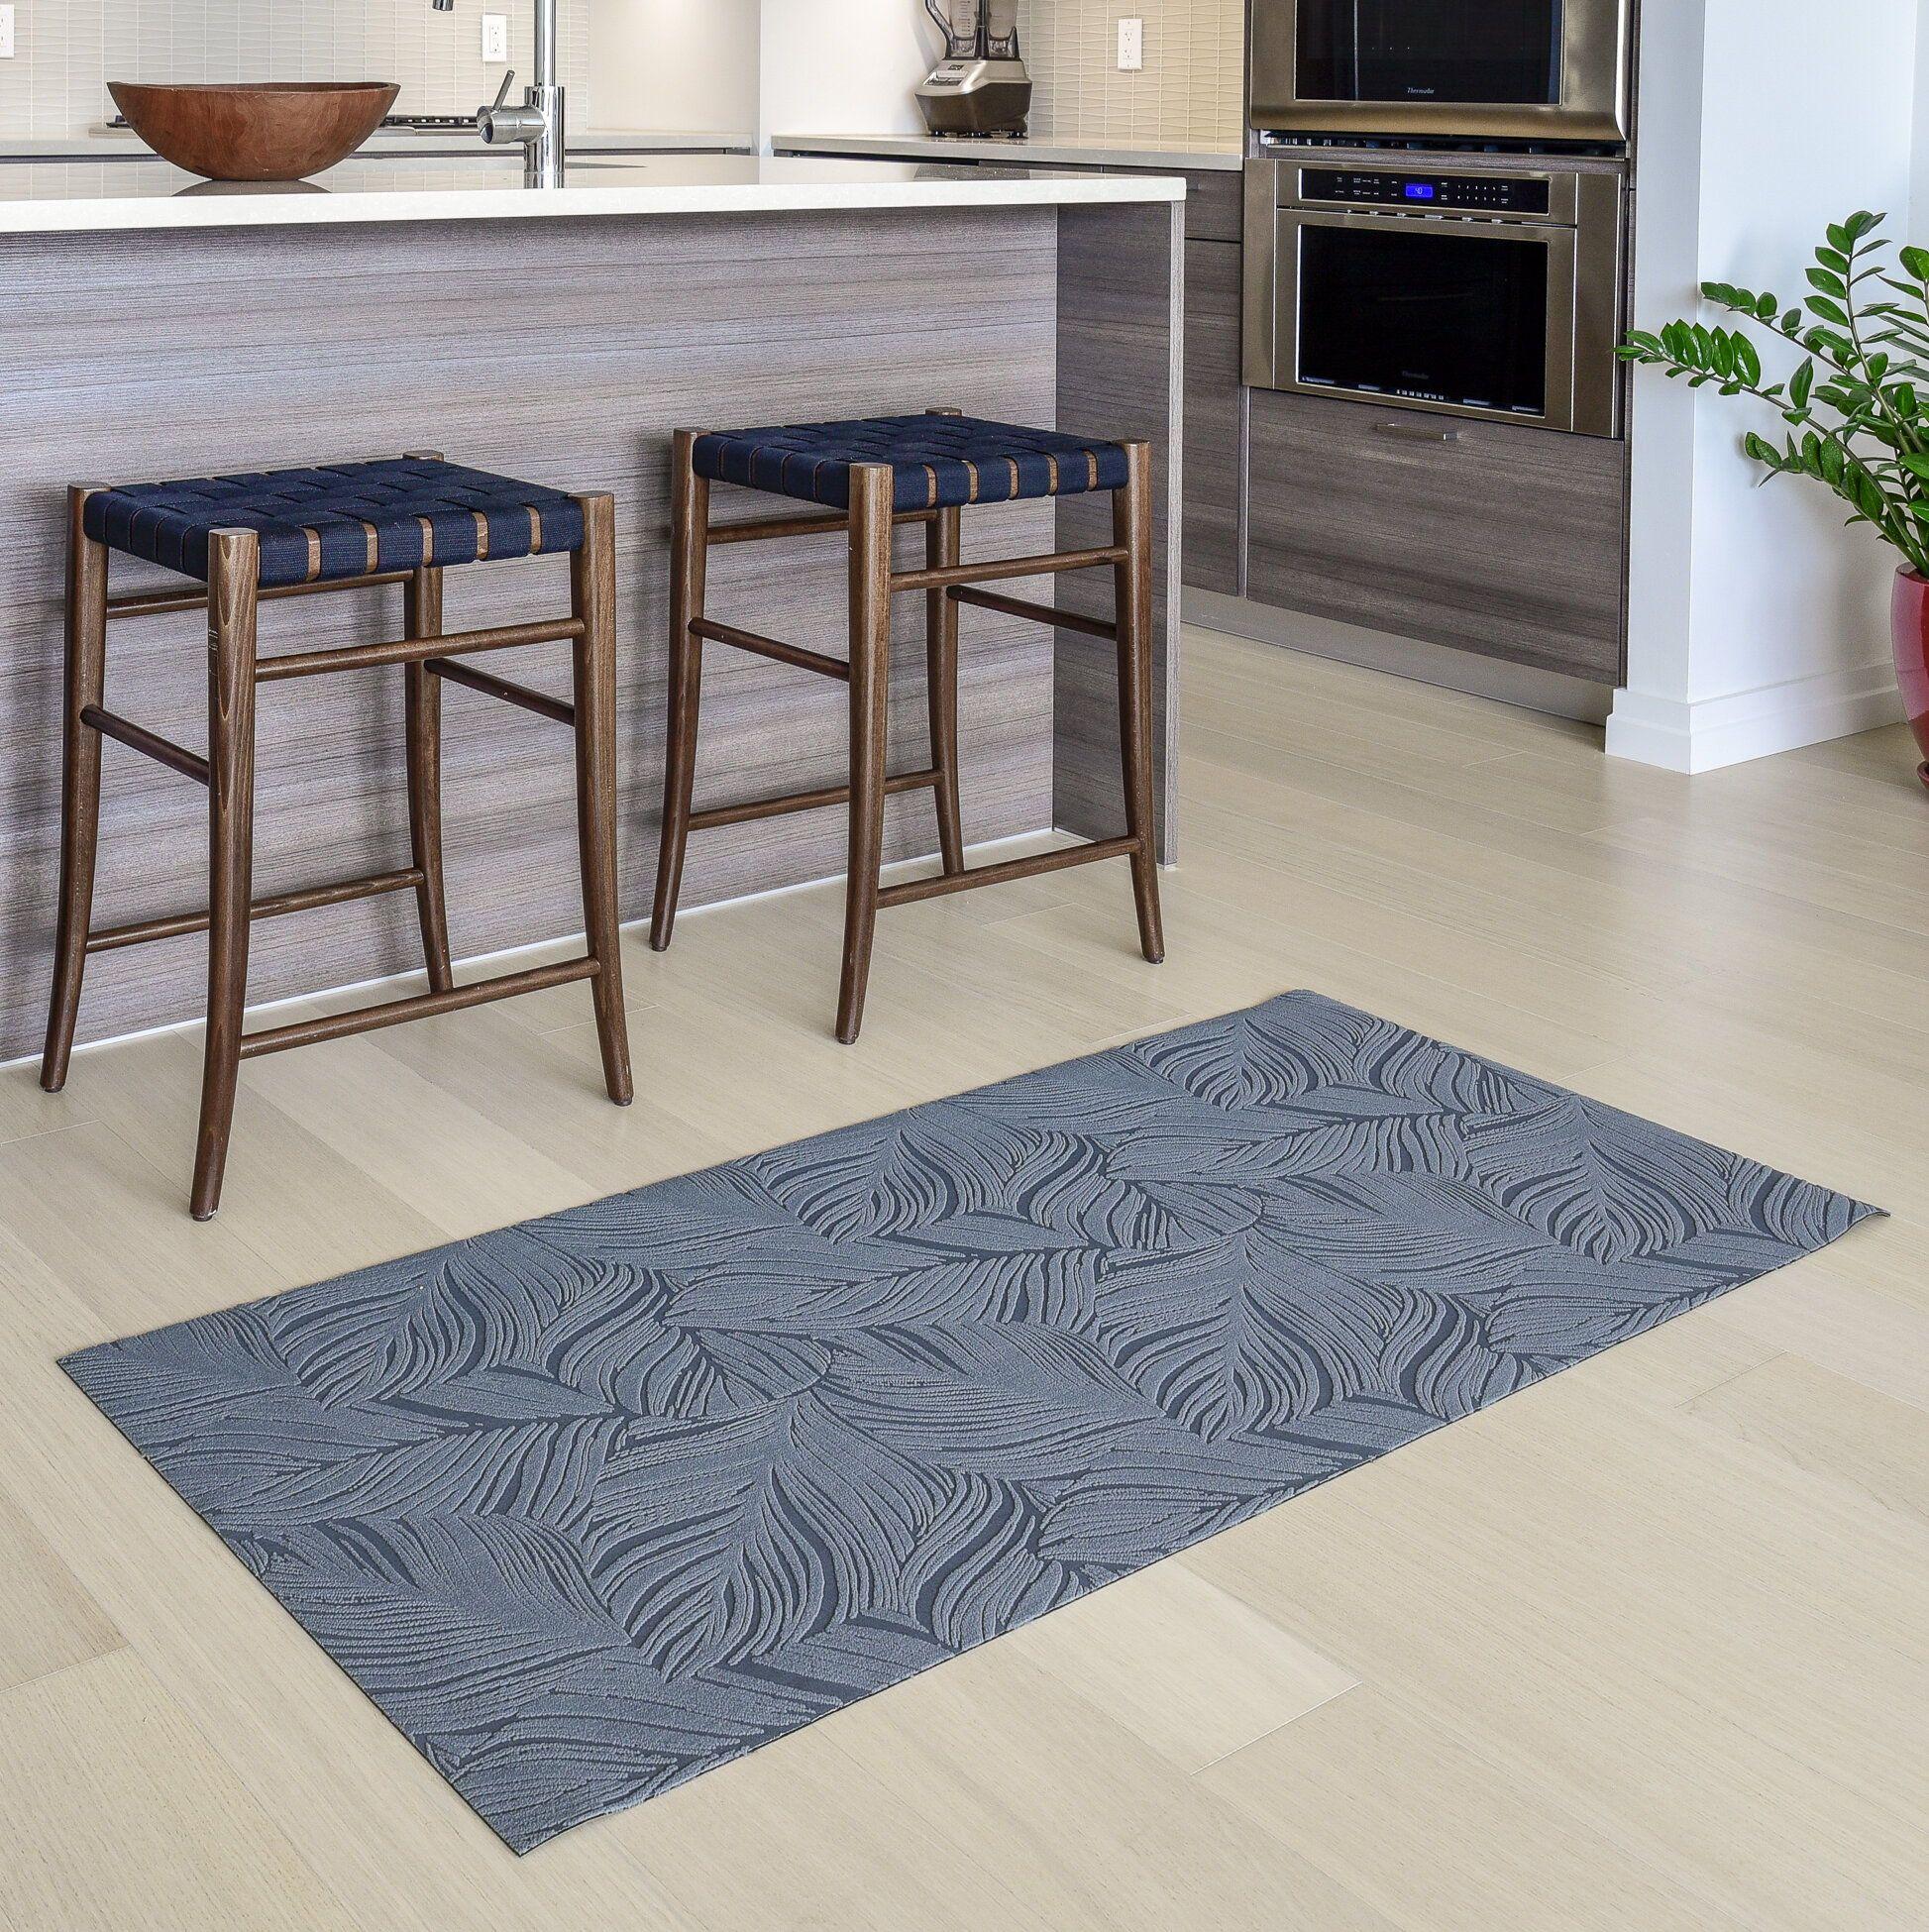 Kitchen Floor Mats (Comfort and Ergonomic Type of Mats) in 7